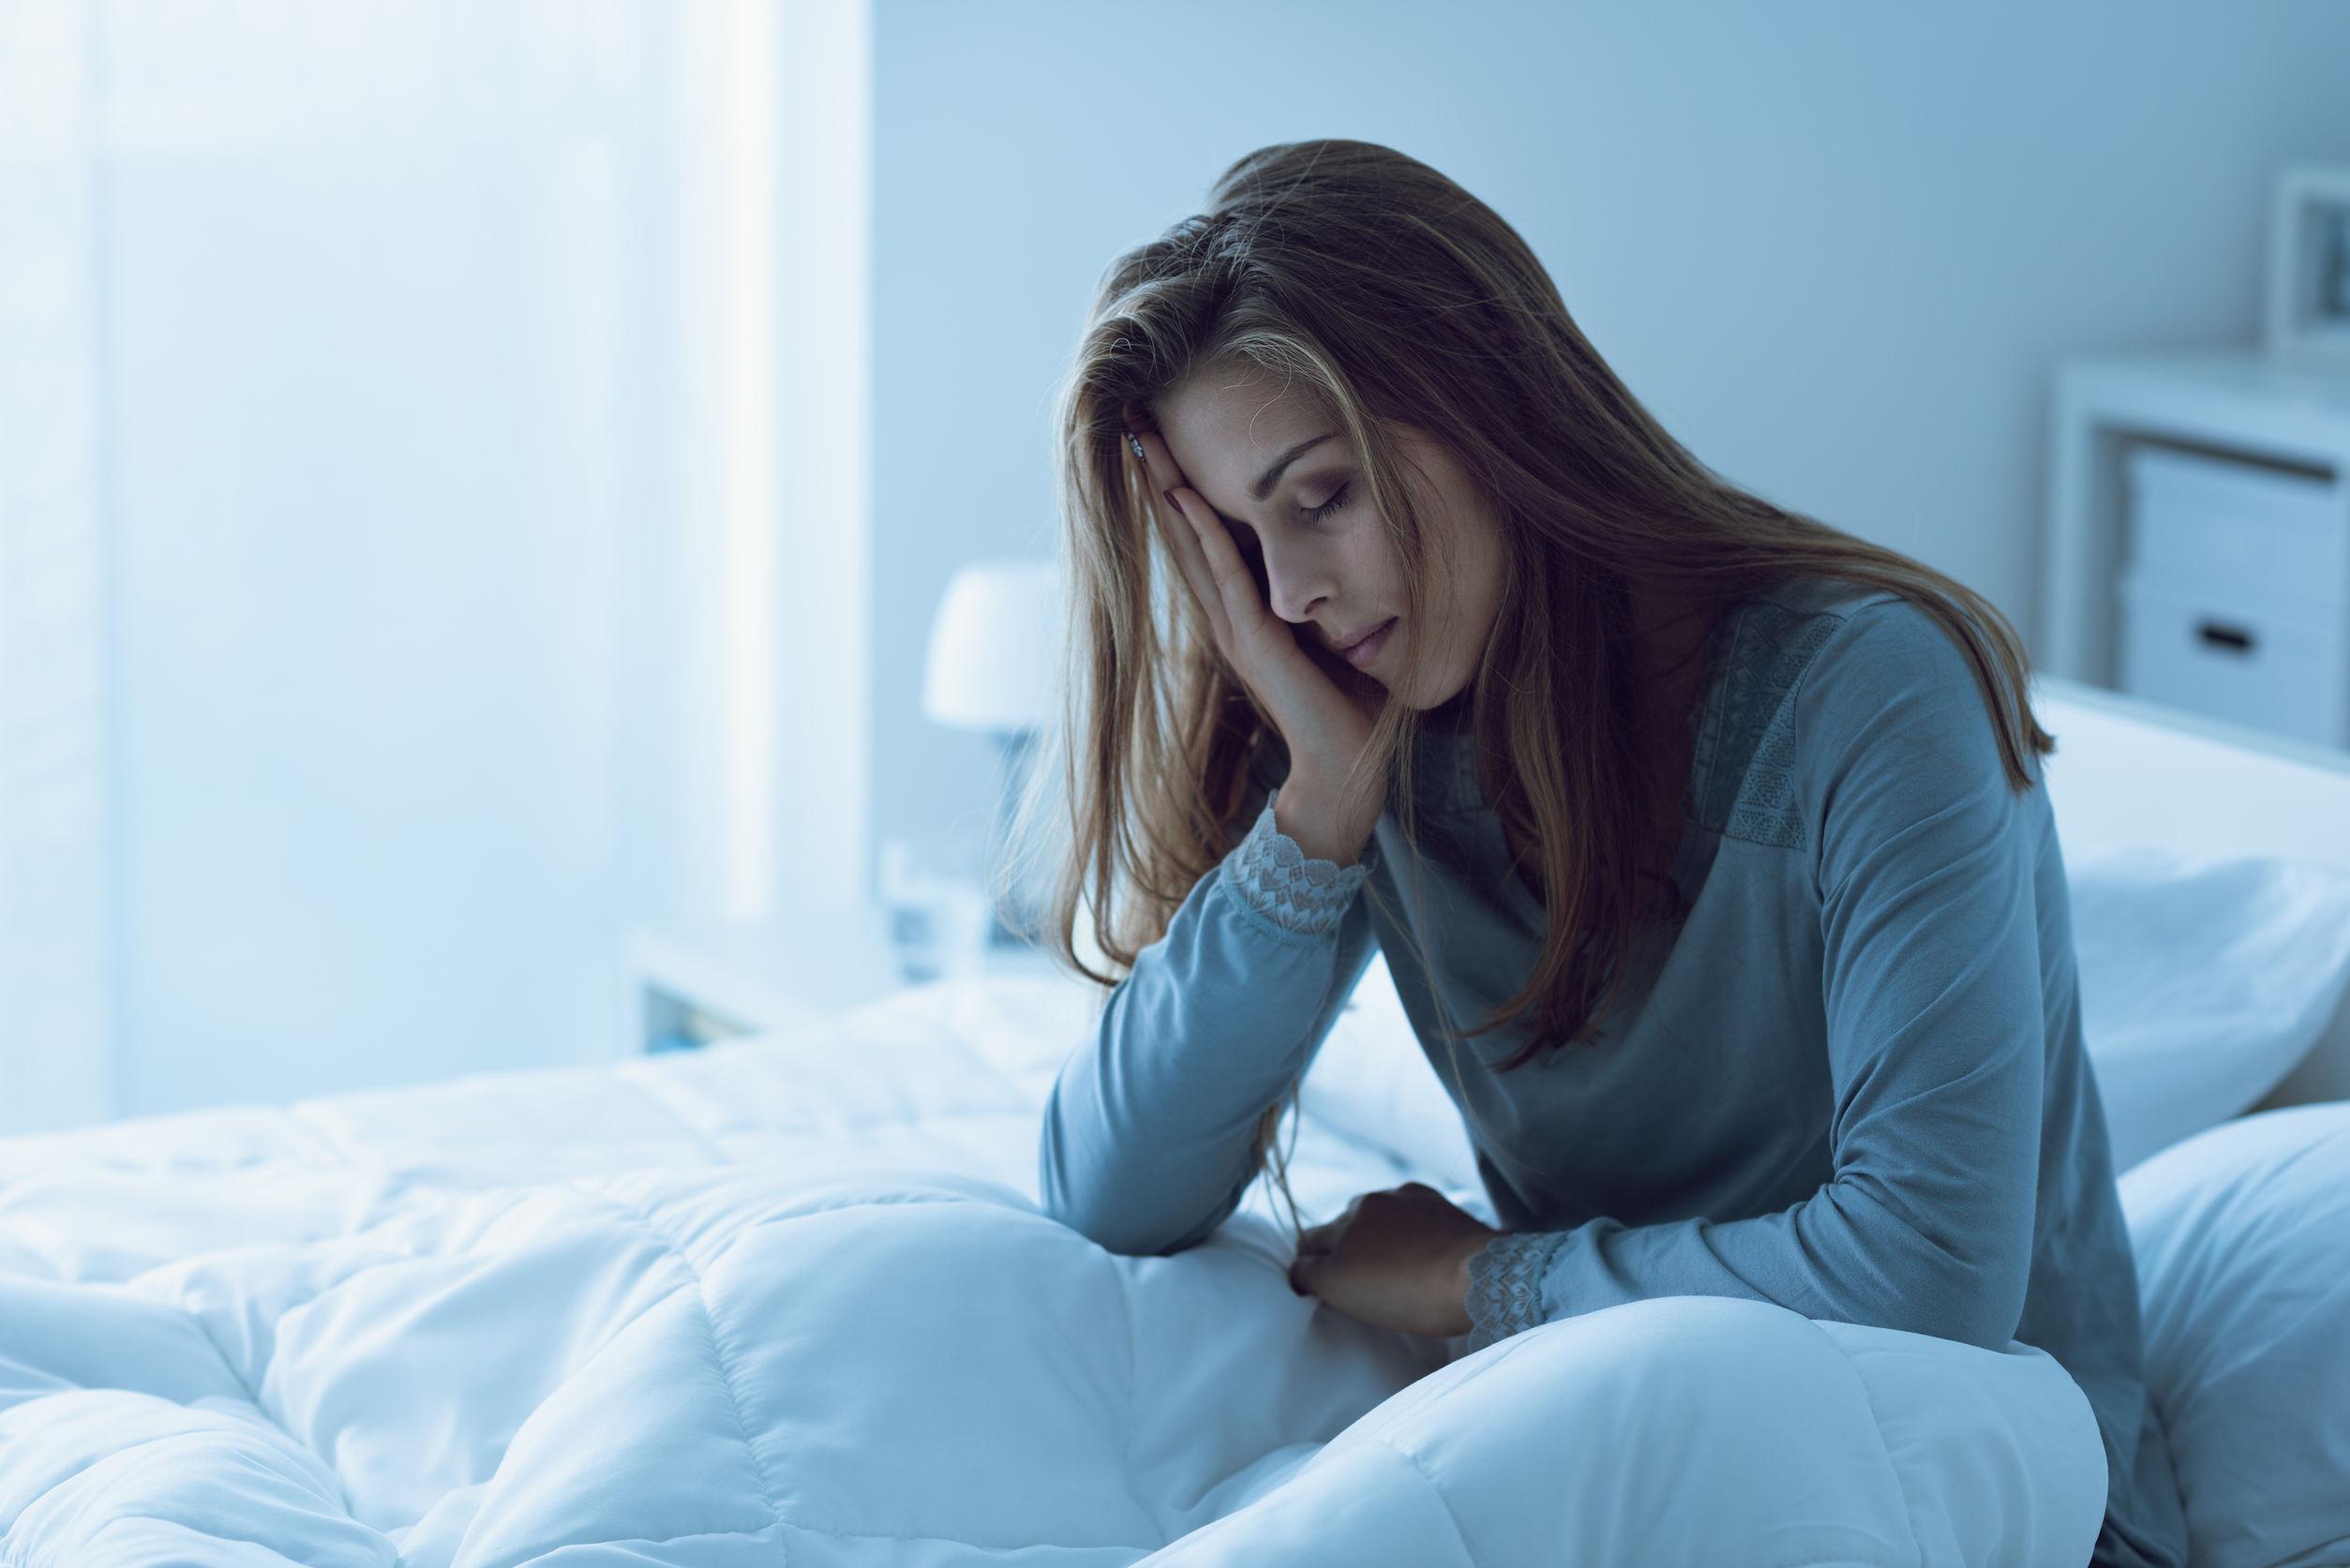 vajon az alvástámogató fogyást okoz-e 90 font fogyás történetek